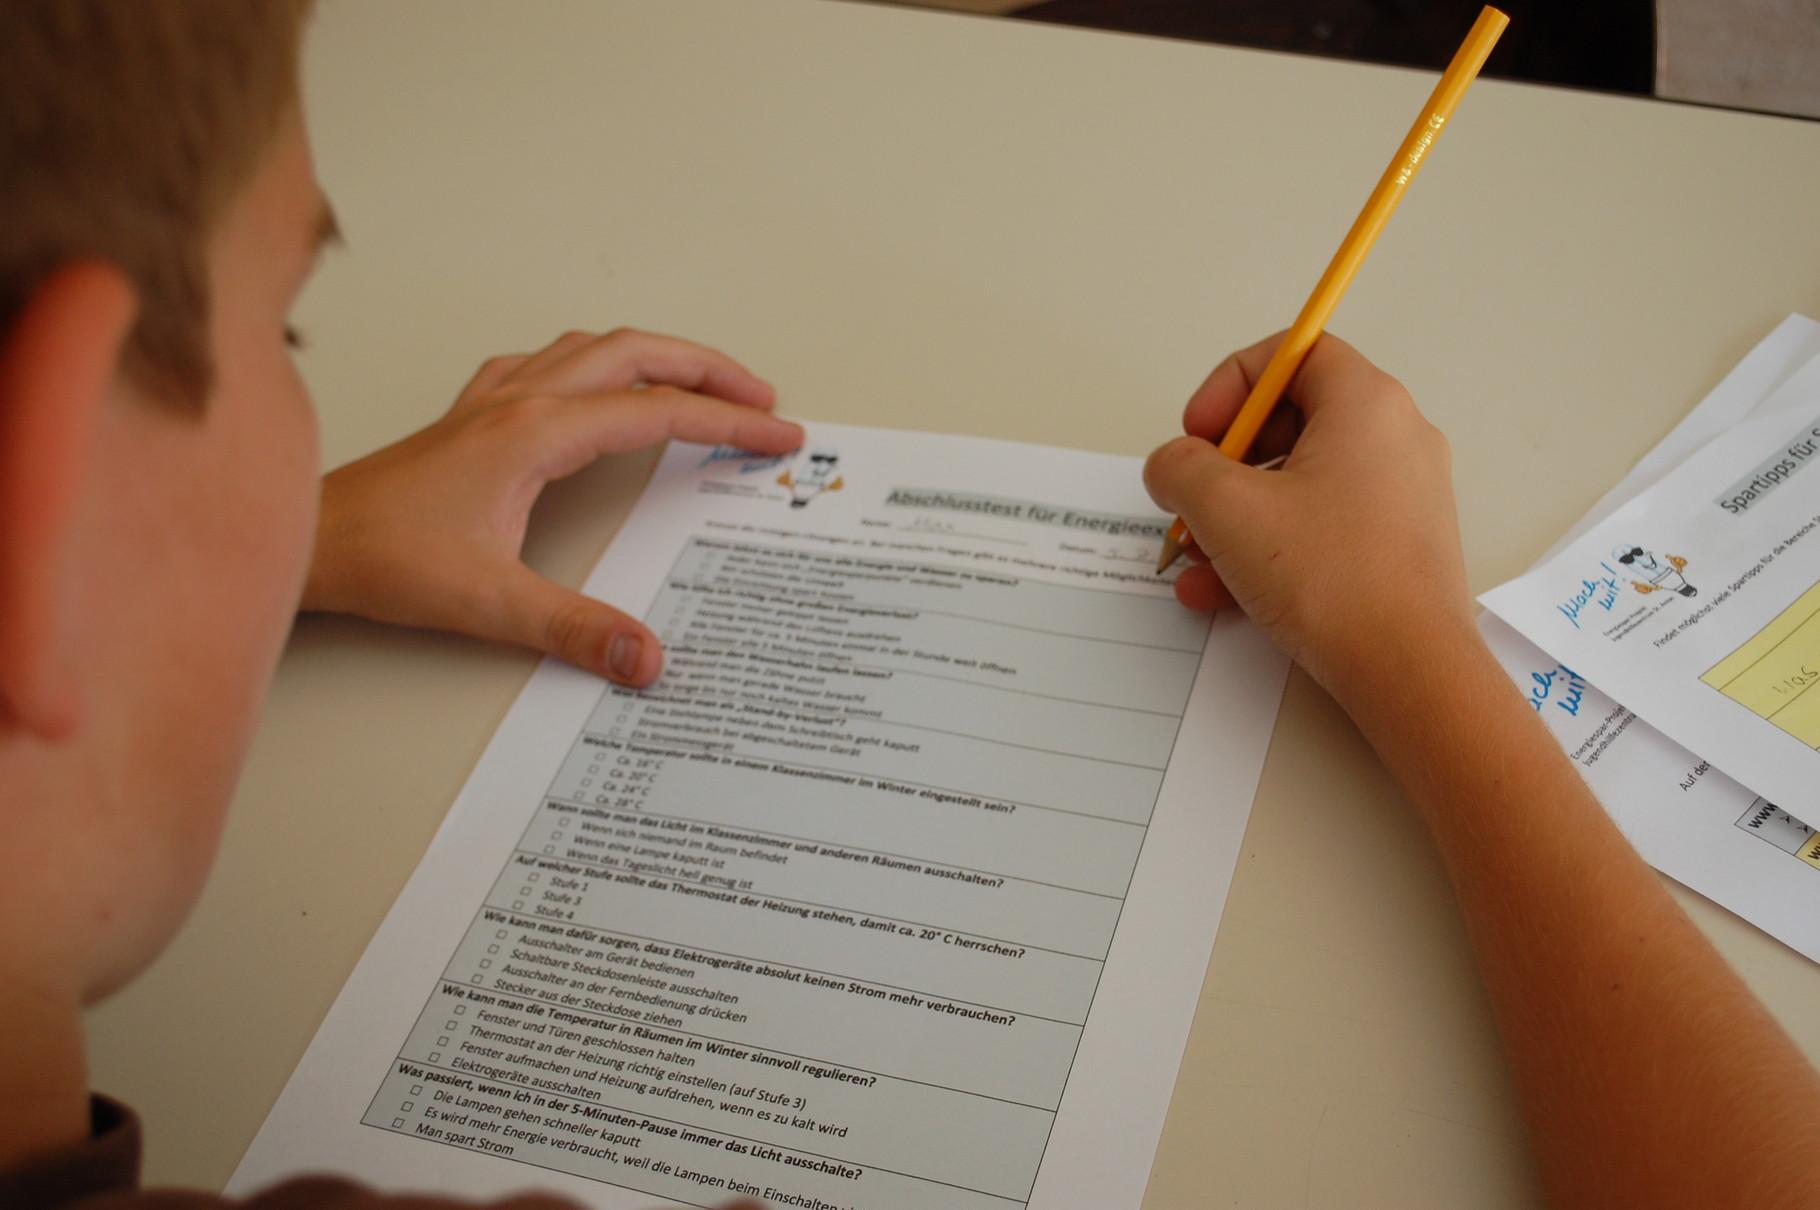 Energieexperten - Alle Infos zur Energieexpertenausbildung finden sie hier auf einen Blick.